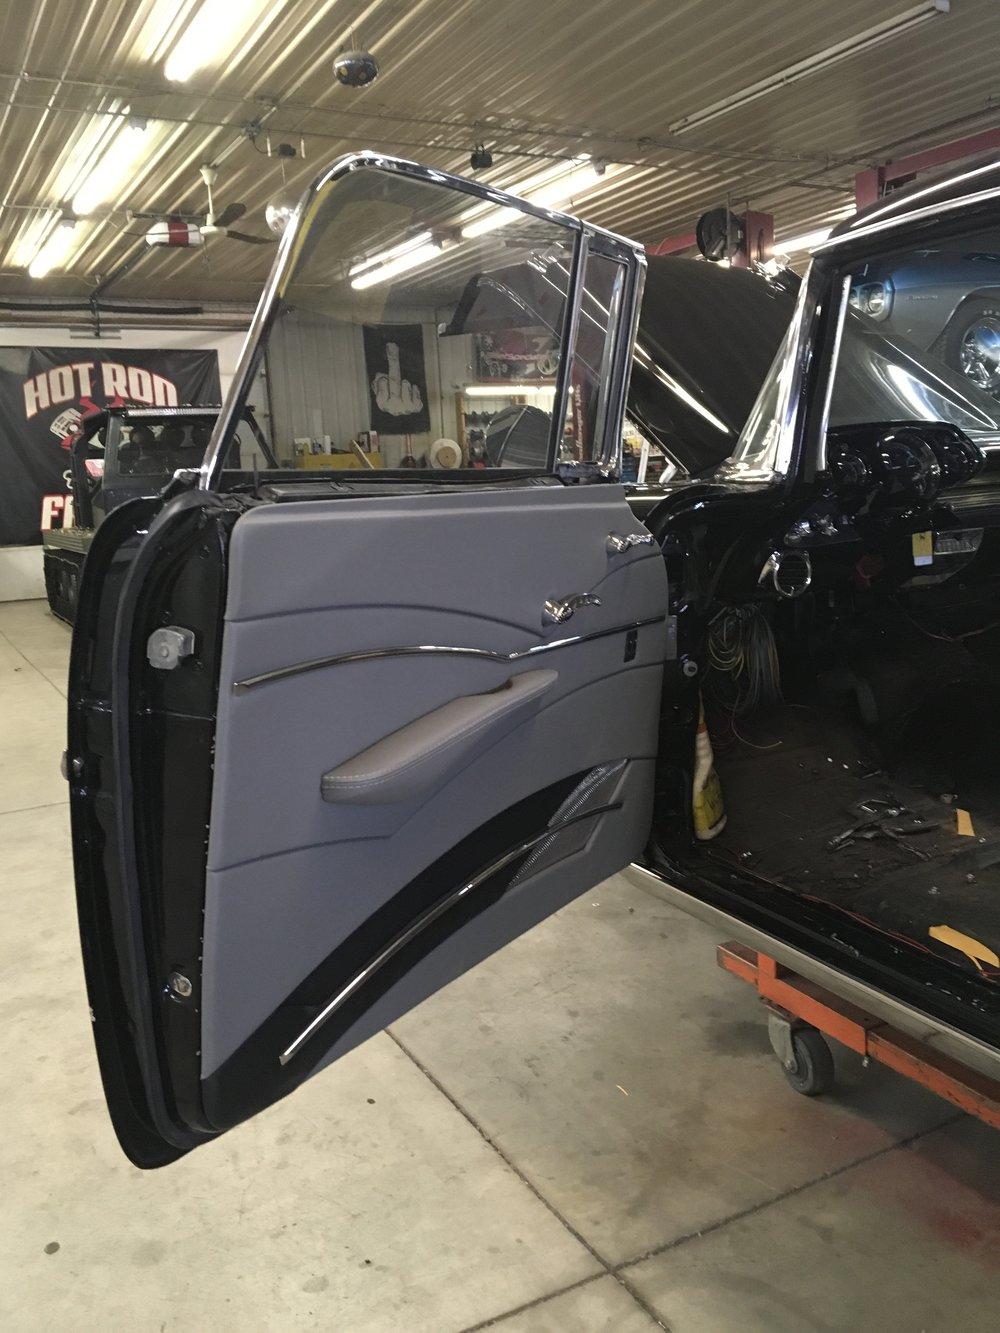 1967-Nomad-minneapolis-hot-rod-restoration-hot-rod-factory-interior-door.jpg